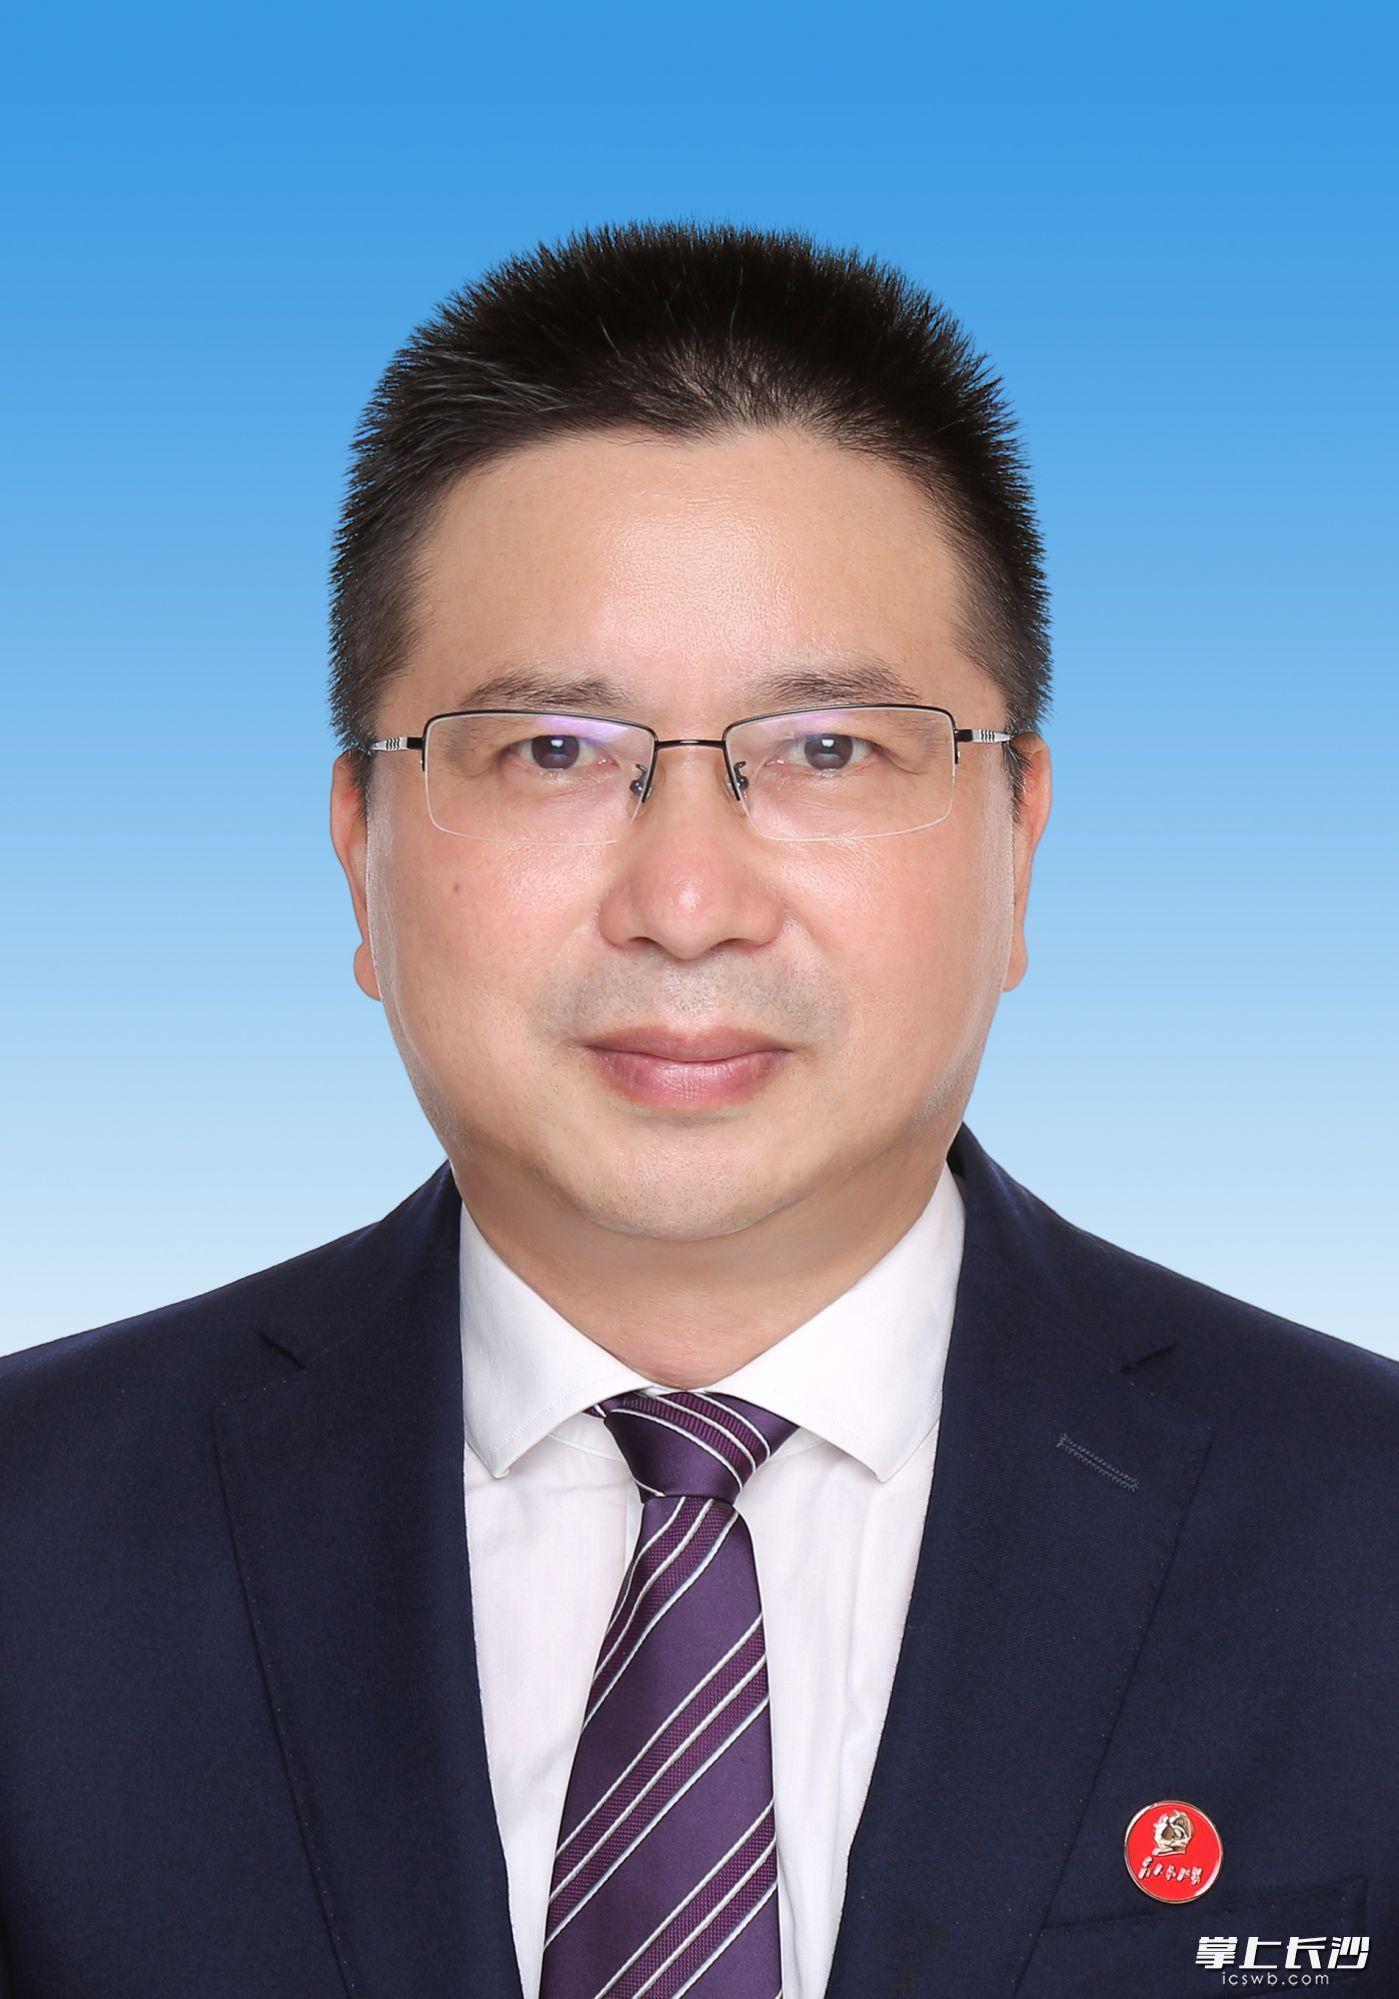 胡卫兵任长沙市监察委员会副主任、代理主任